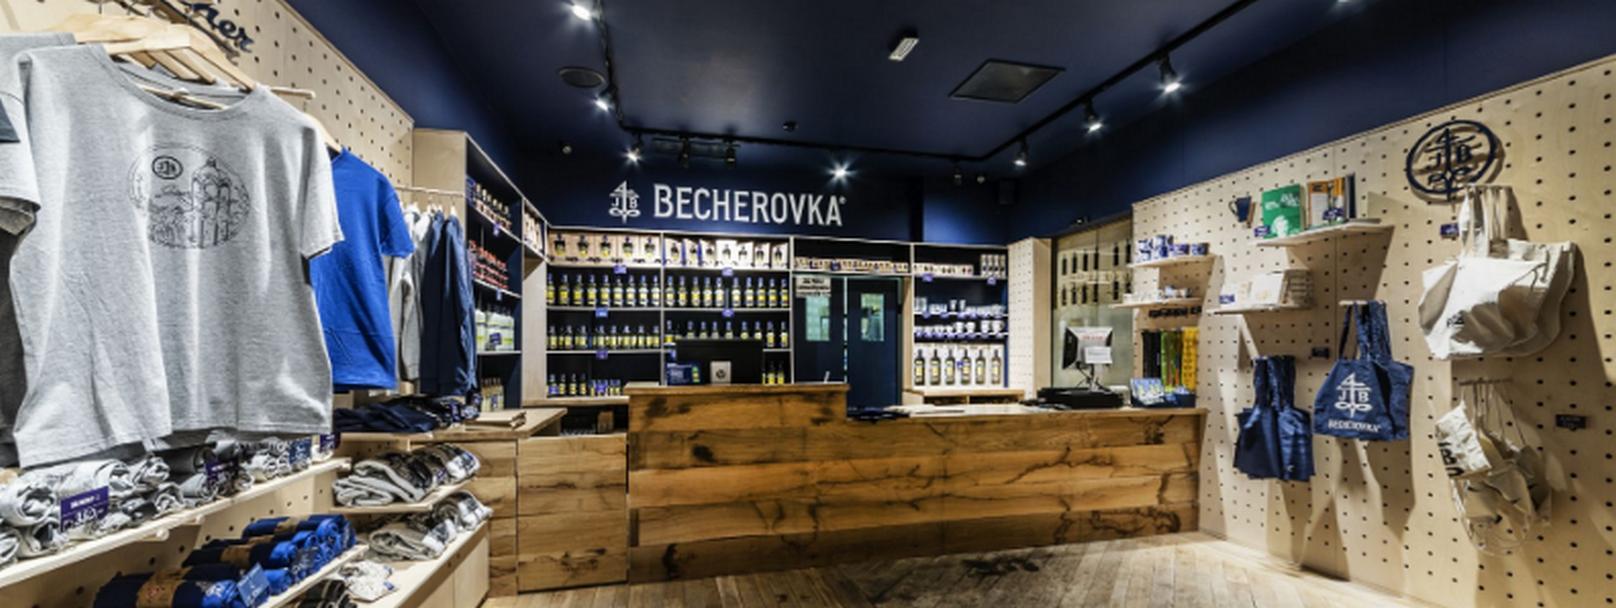 Jan Becher - Karlovarská Becherovka, a.s. - Návštěvnické centrum Becherovka